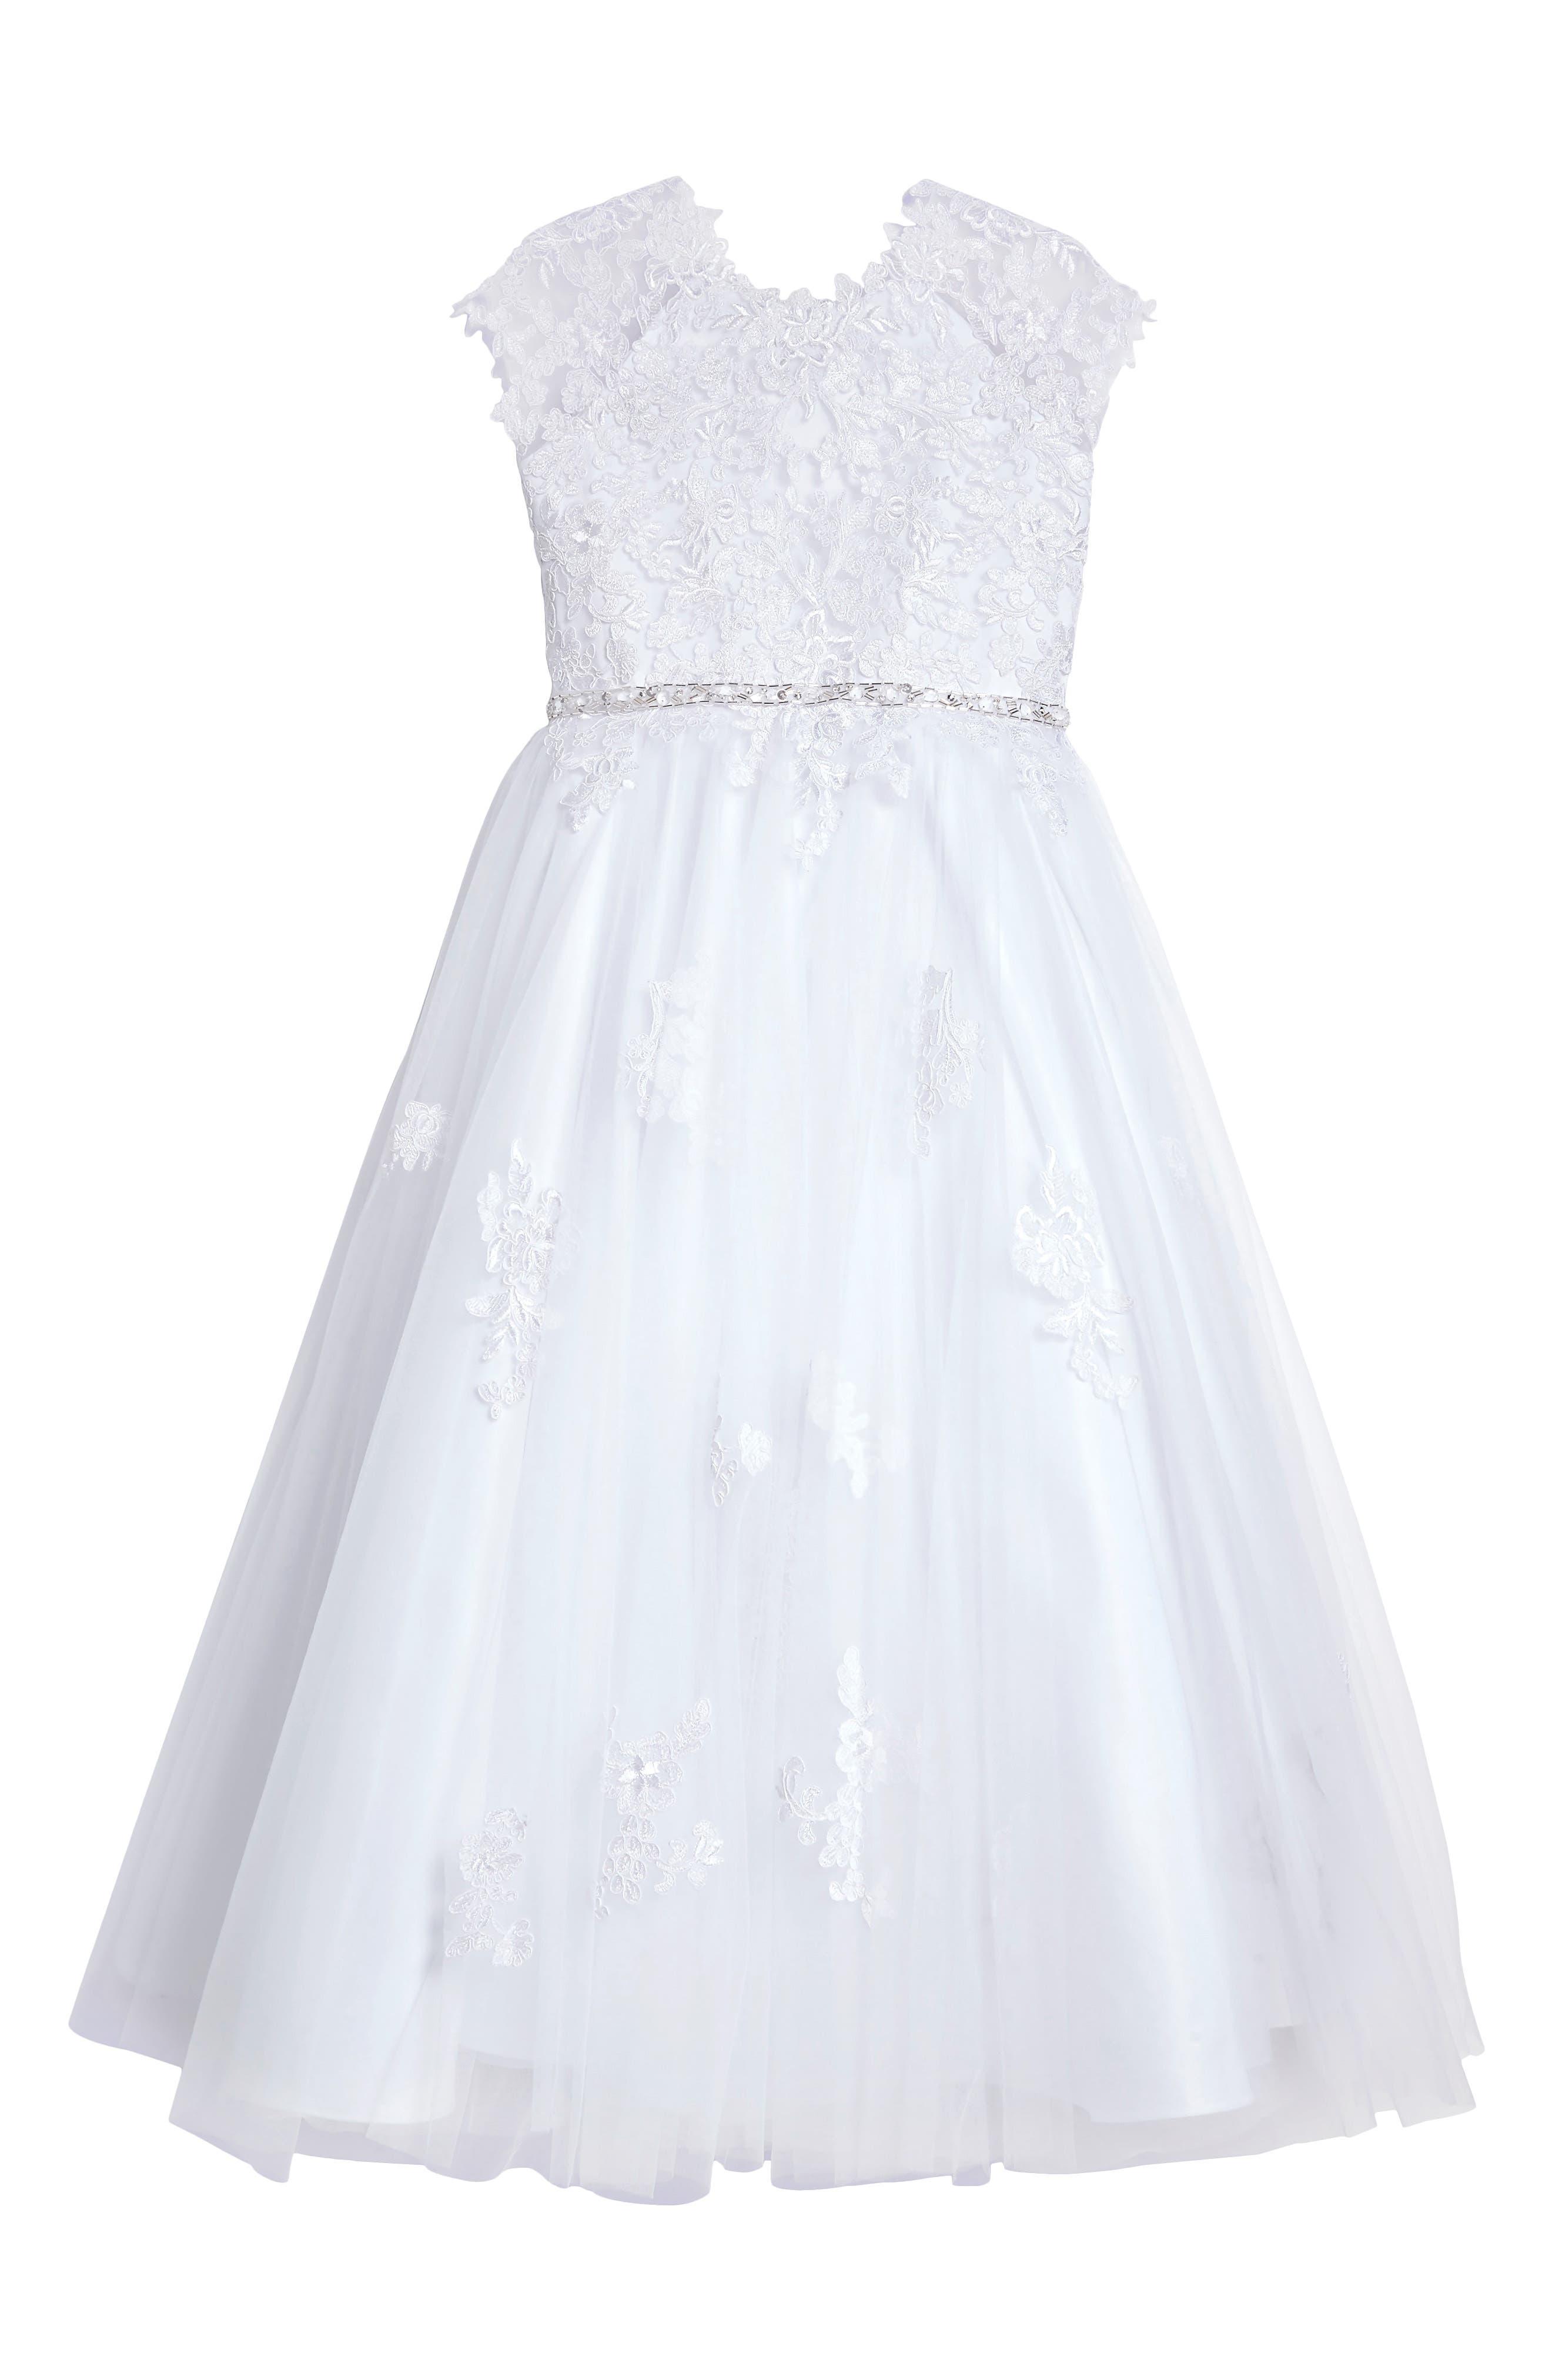 Lace Appliqué Tulle First Communion Dress,                         Main,                         color,